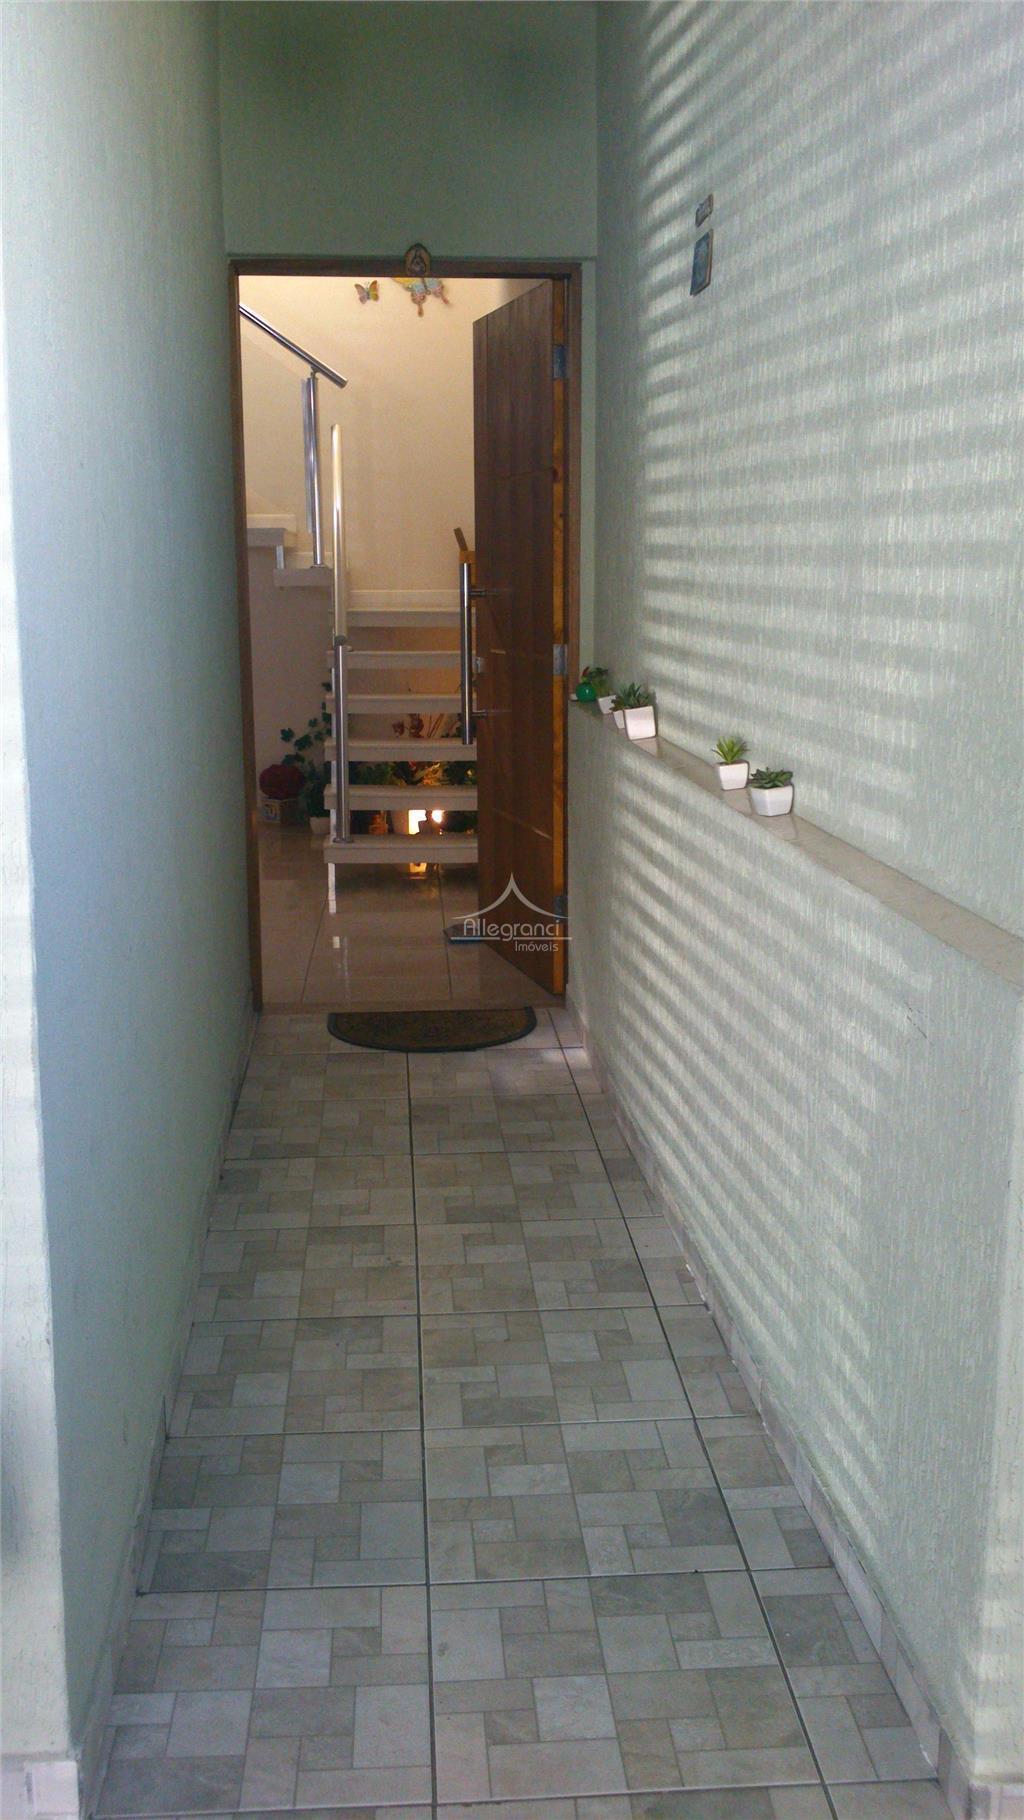 sobrado com 3 dormitórios sendo 1 suite,sala 2 ambientes medindo aprox. 35 m quadrados,cozinha,copa,tendo mais 2...